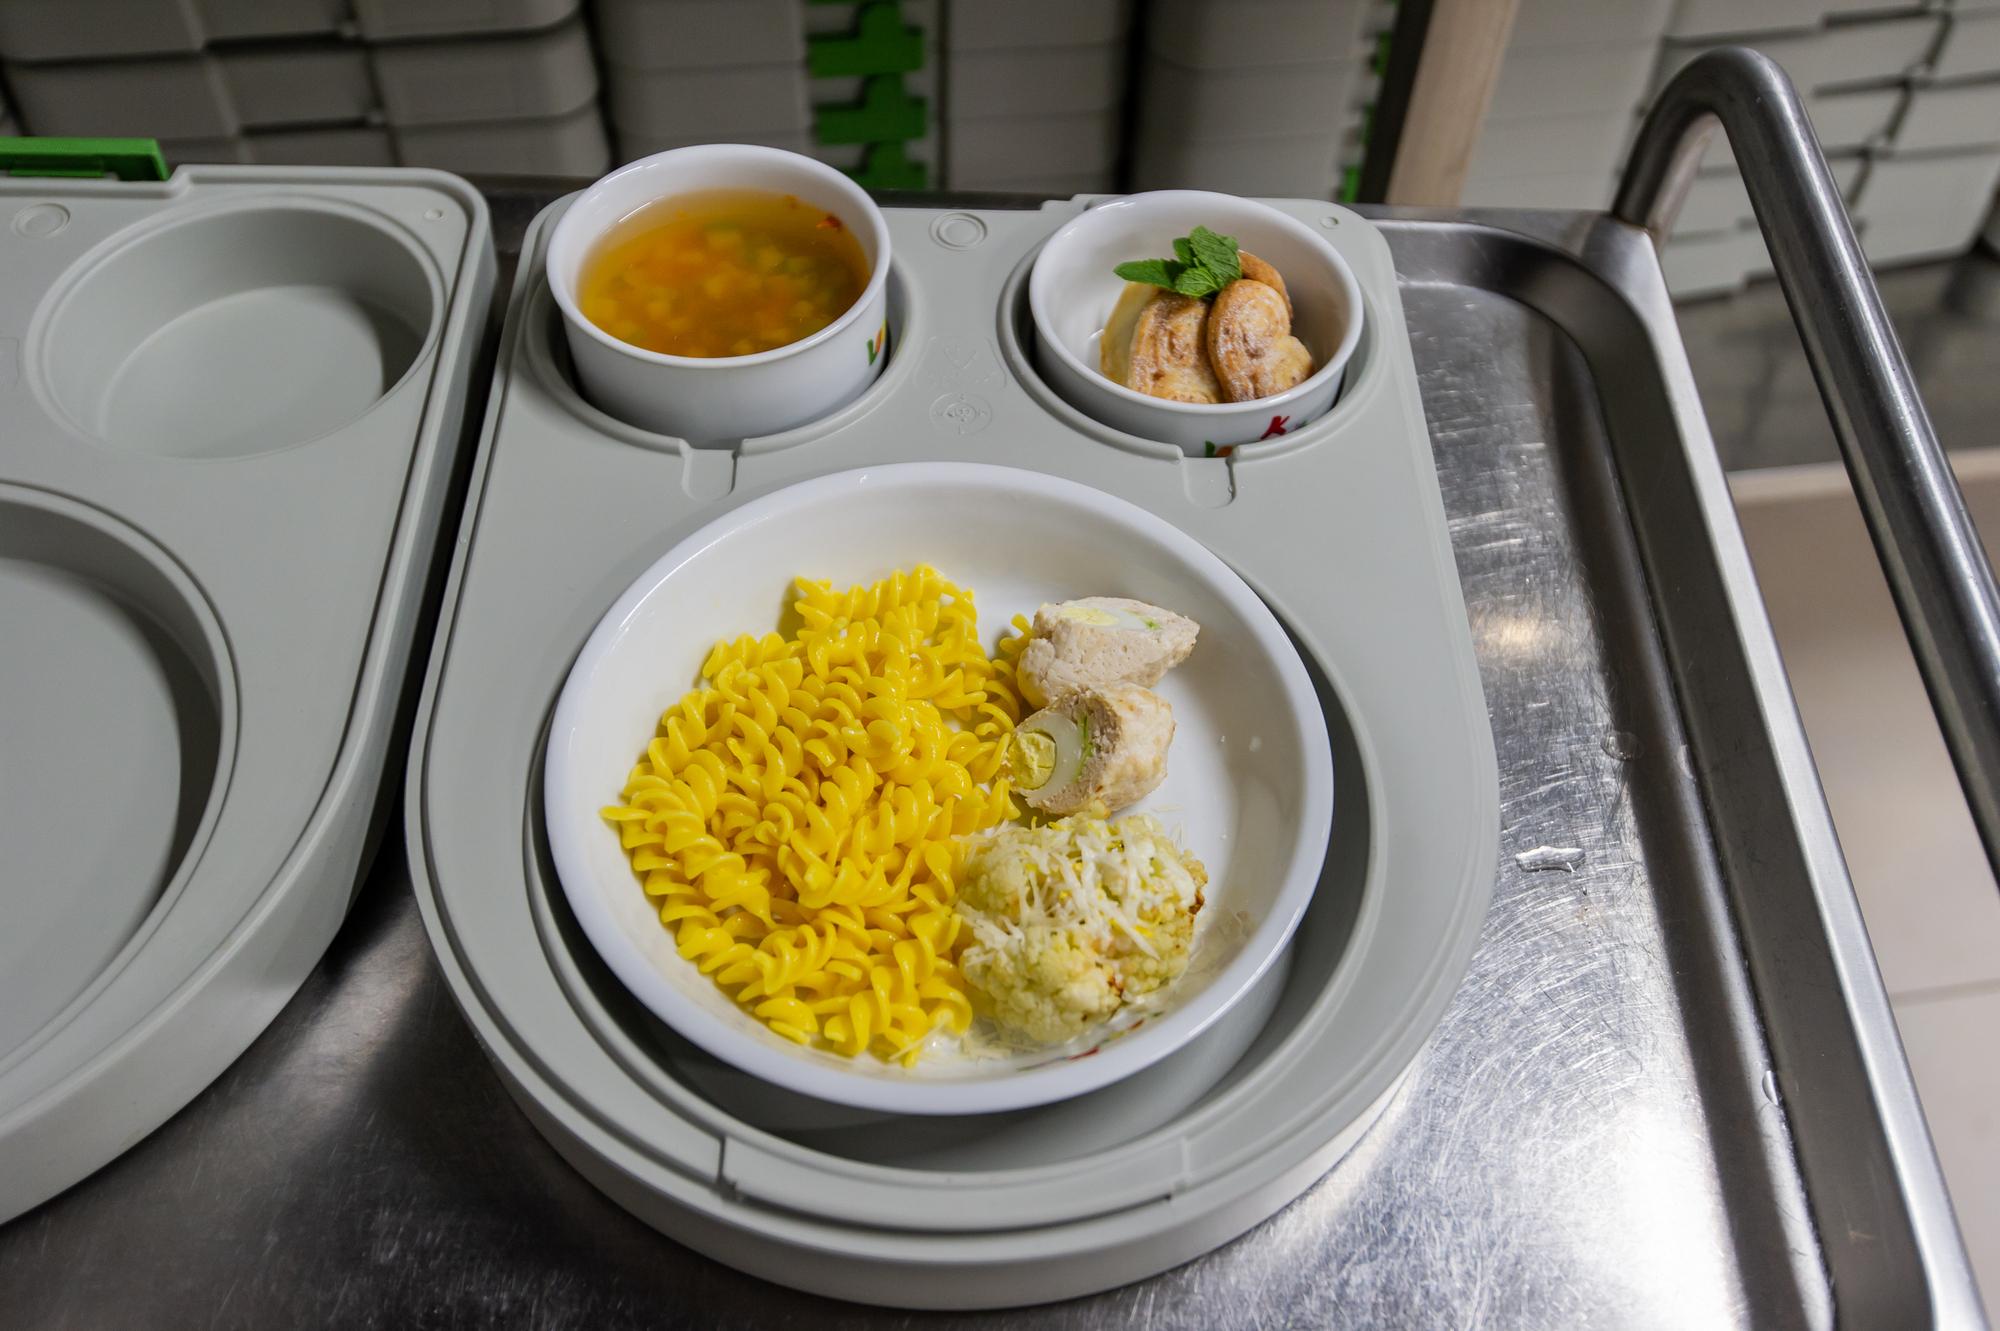 В саду разработано пятиразовое питание, каждый раз еда подается в индивидуальном термобоксе